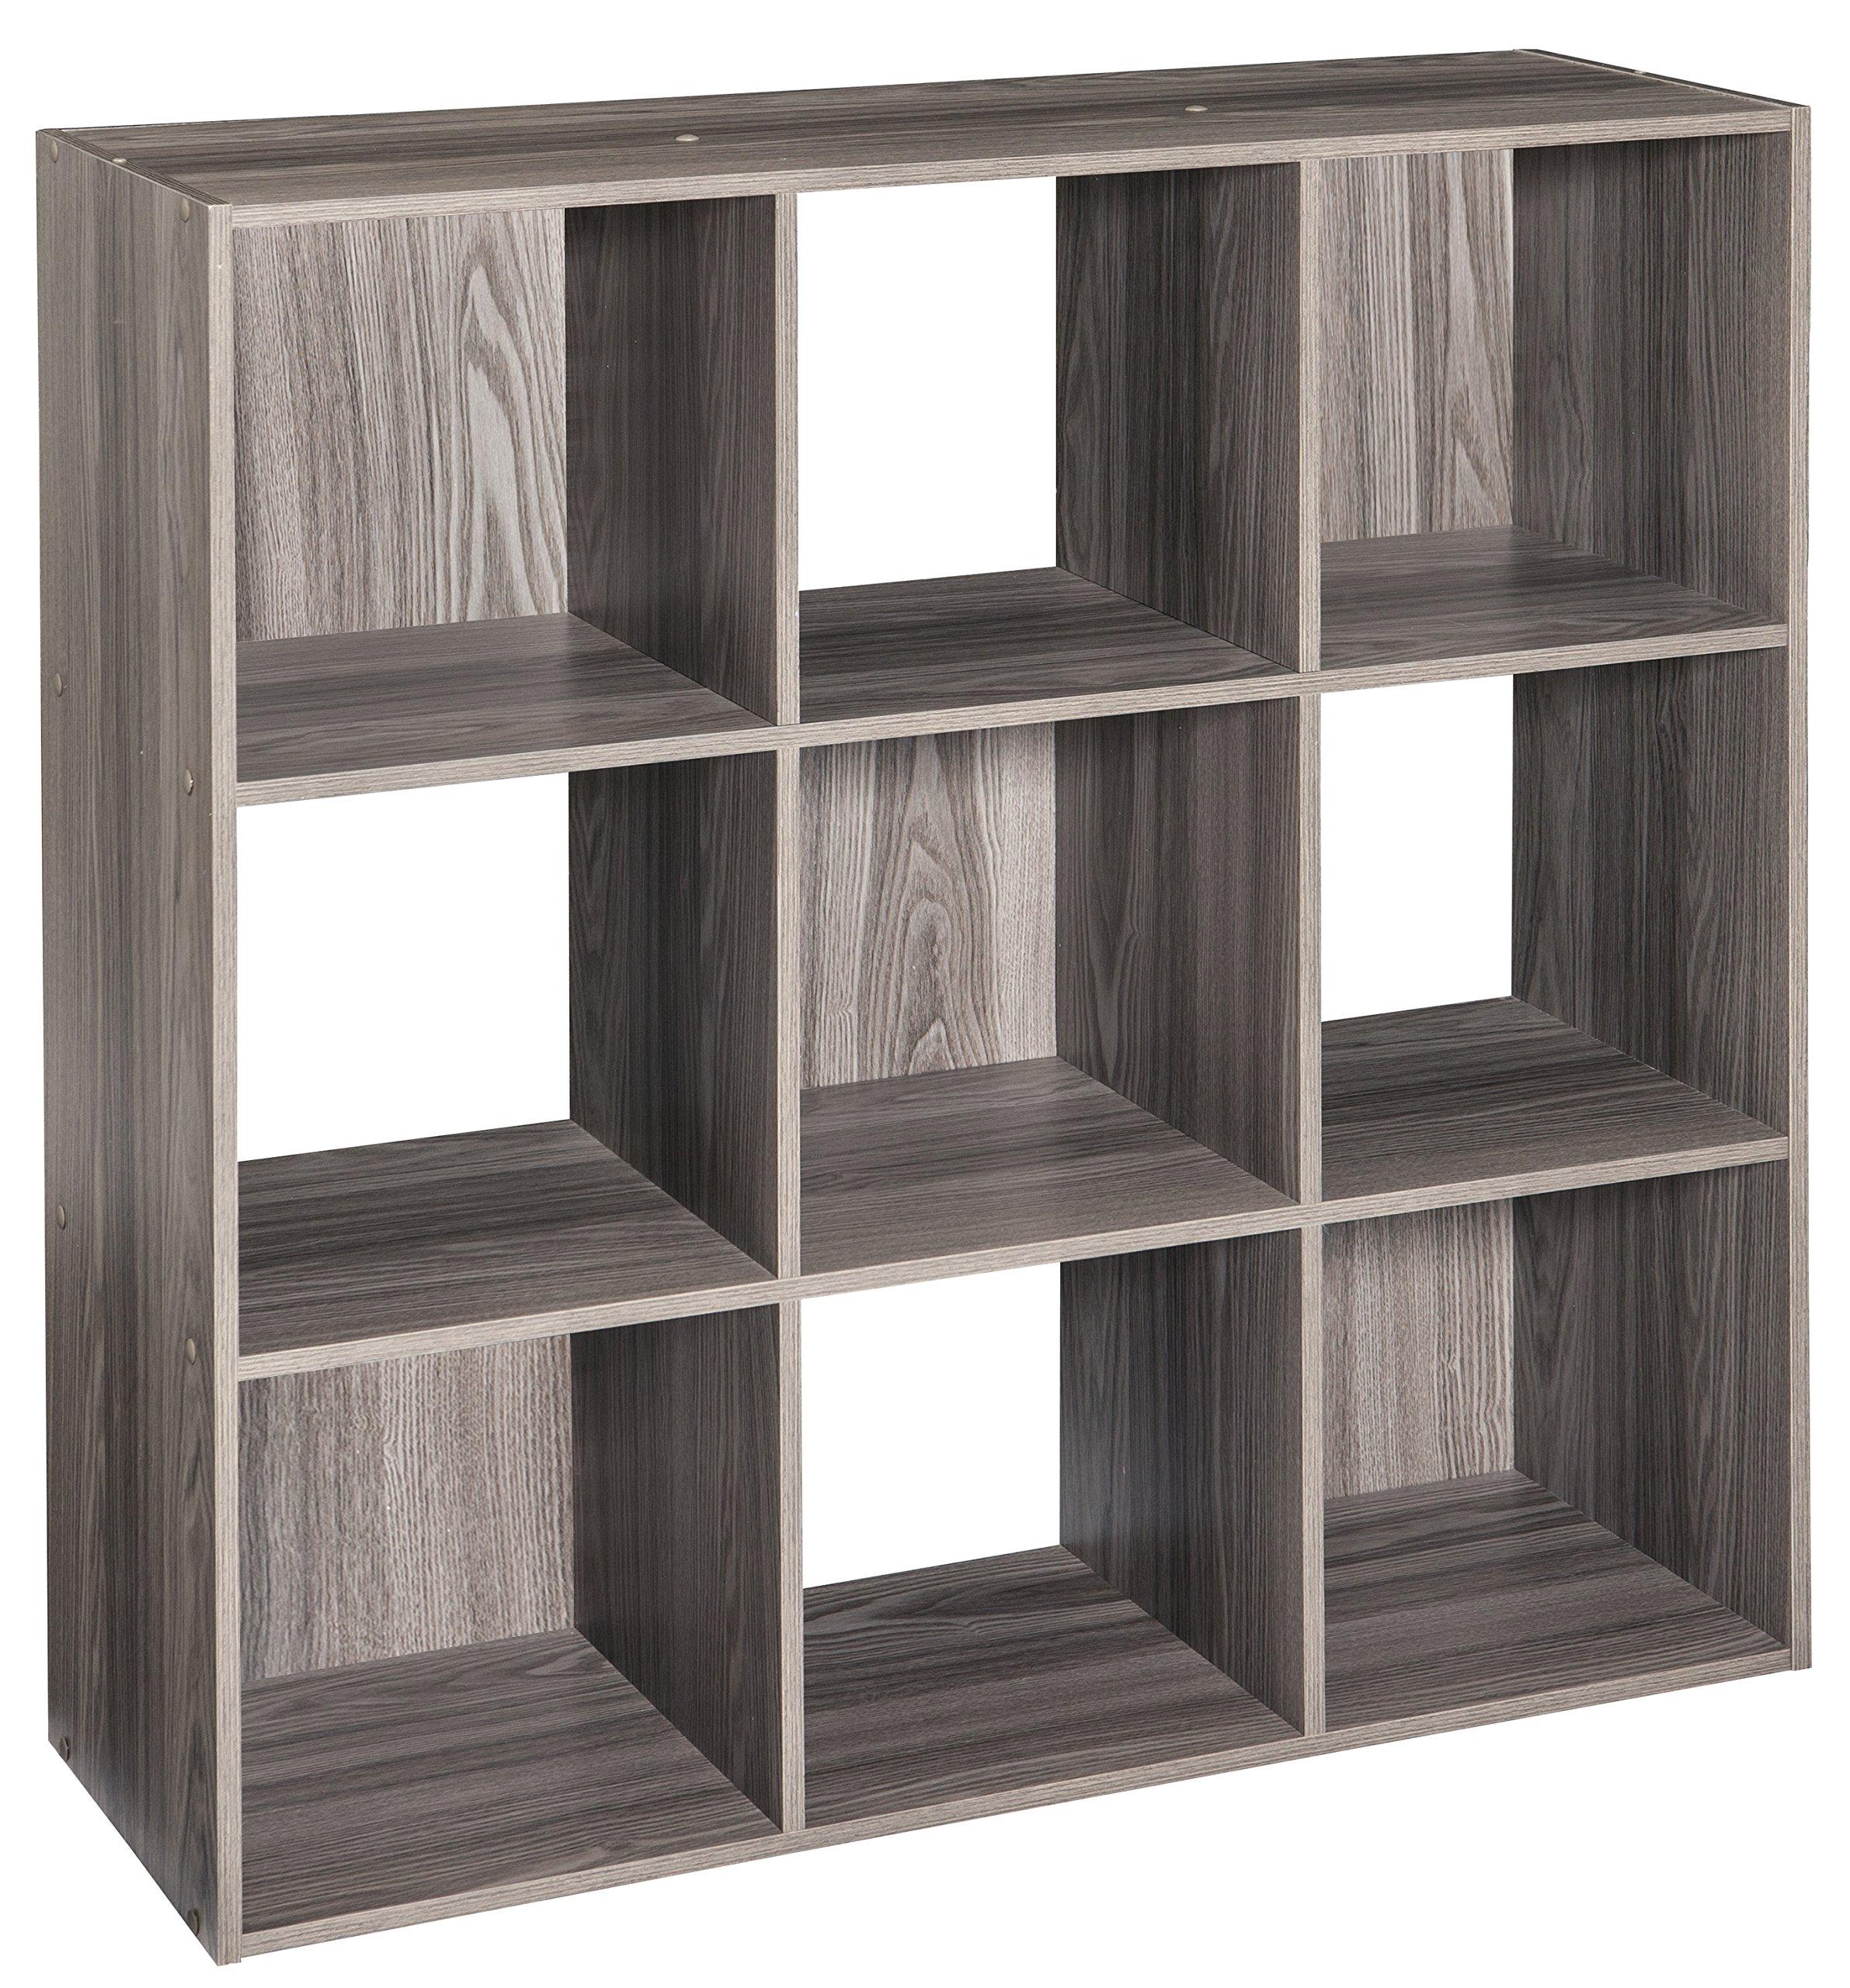 ClosetMaid 4167 Cubeicals Organizer, 9-Cube, Natural Gray by ClosetMaid